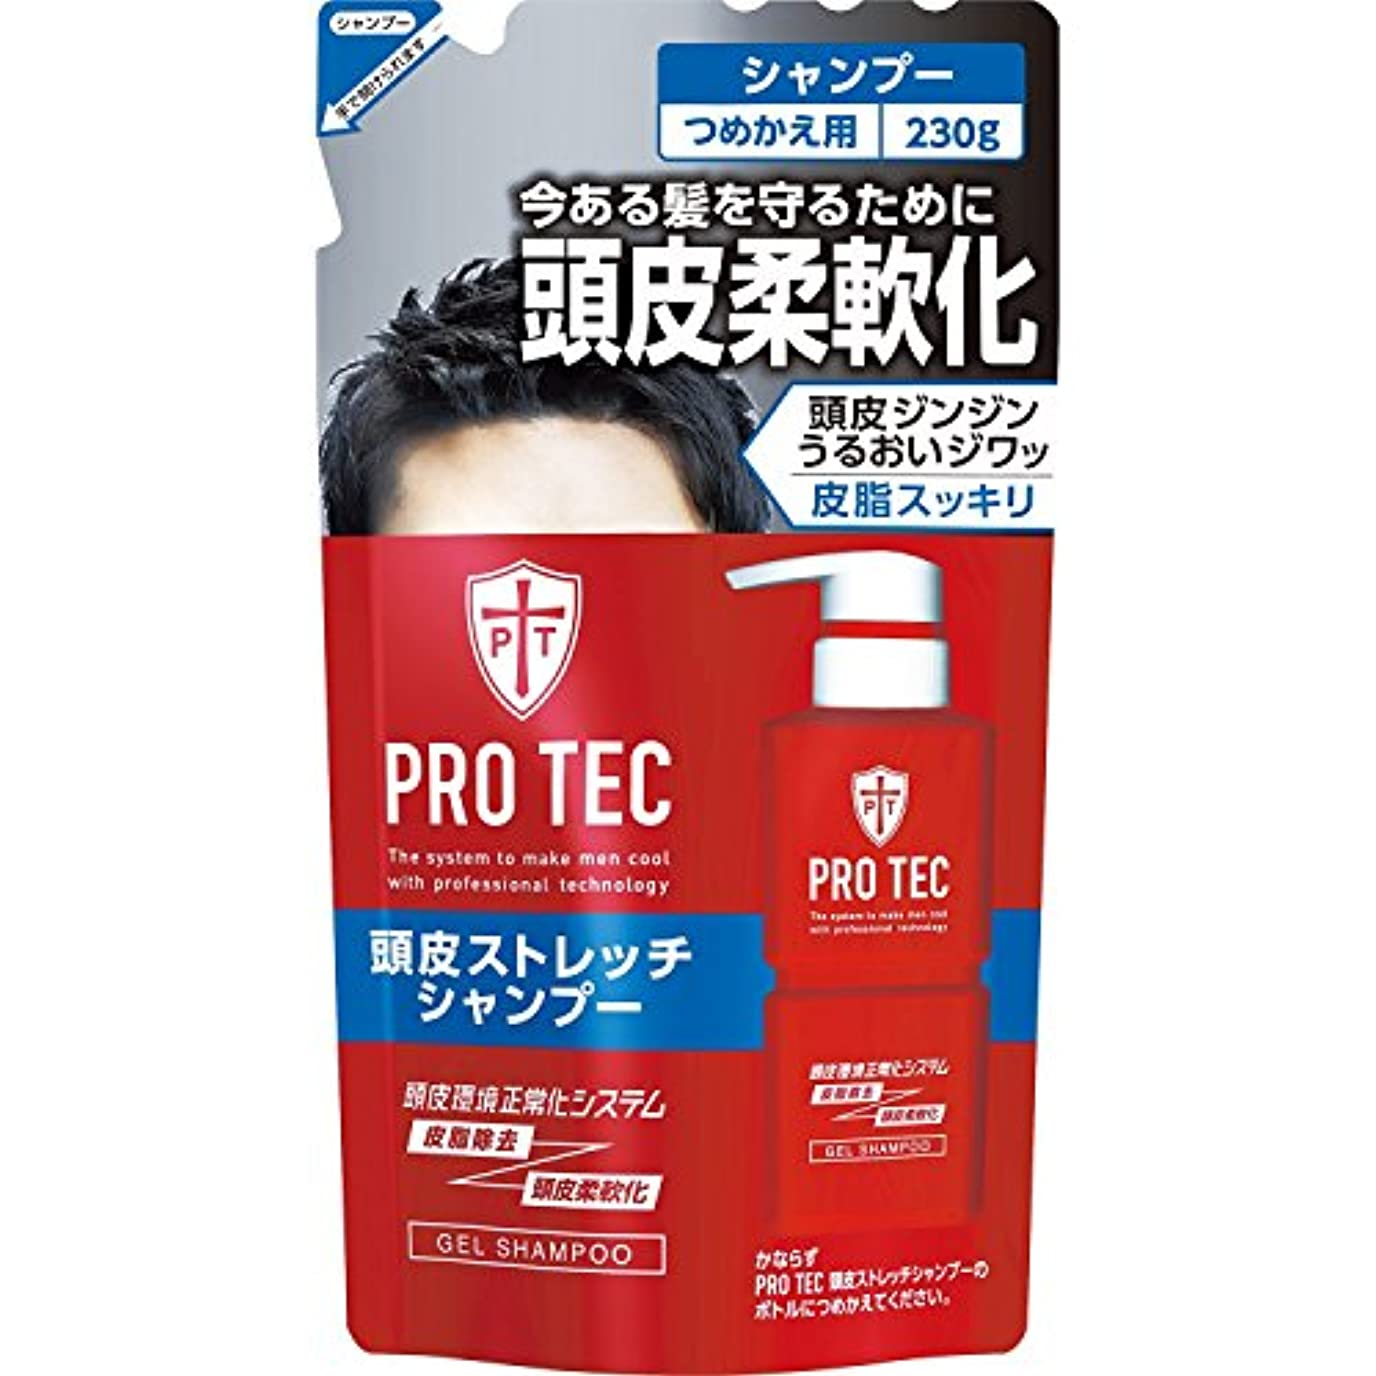 民間いつ魂PRO TEC(プロテク) 頭皮ストレッチ シャンプー 詰め替え 230g(医薬部外品)